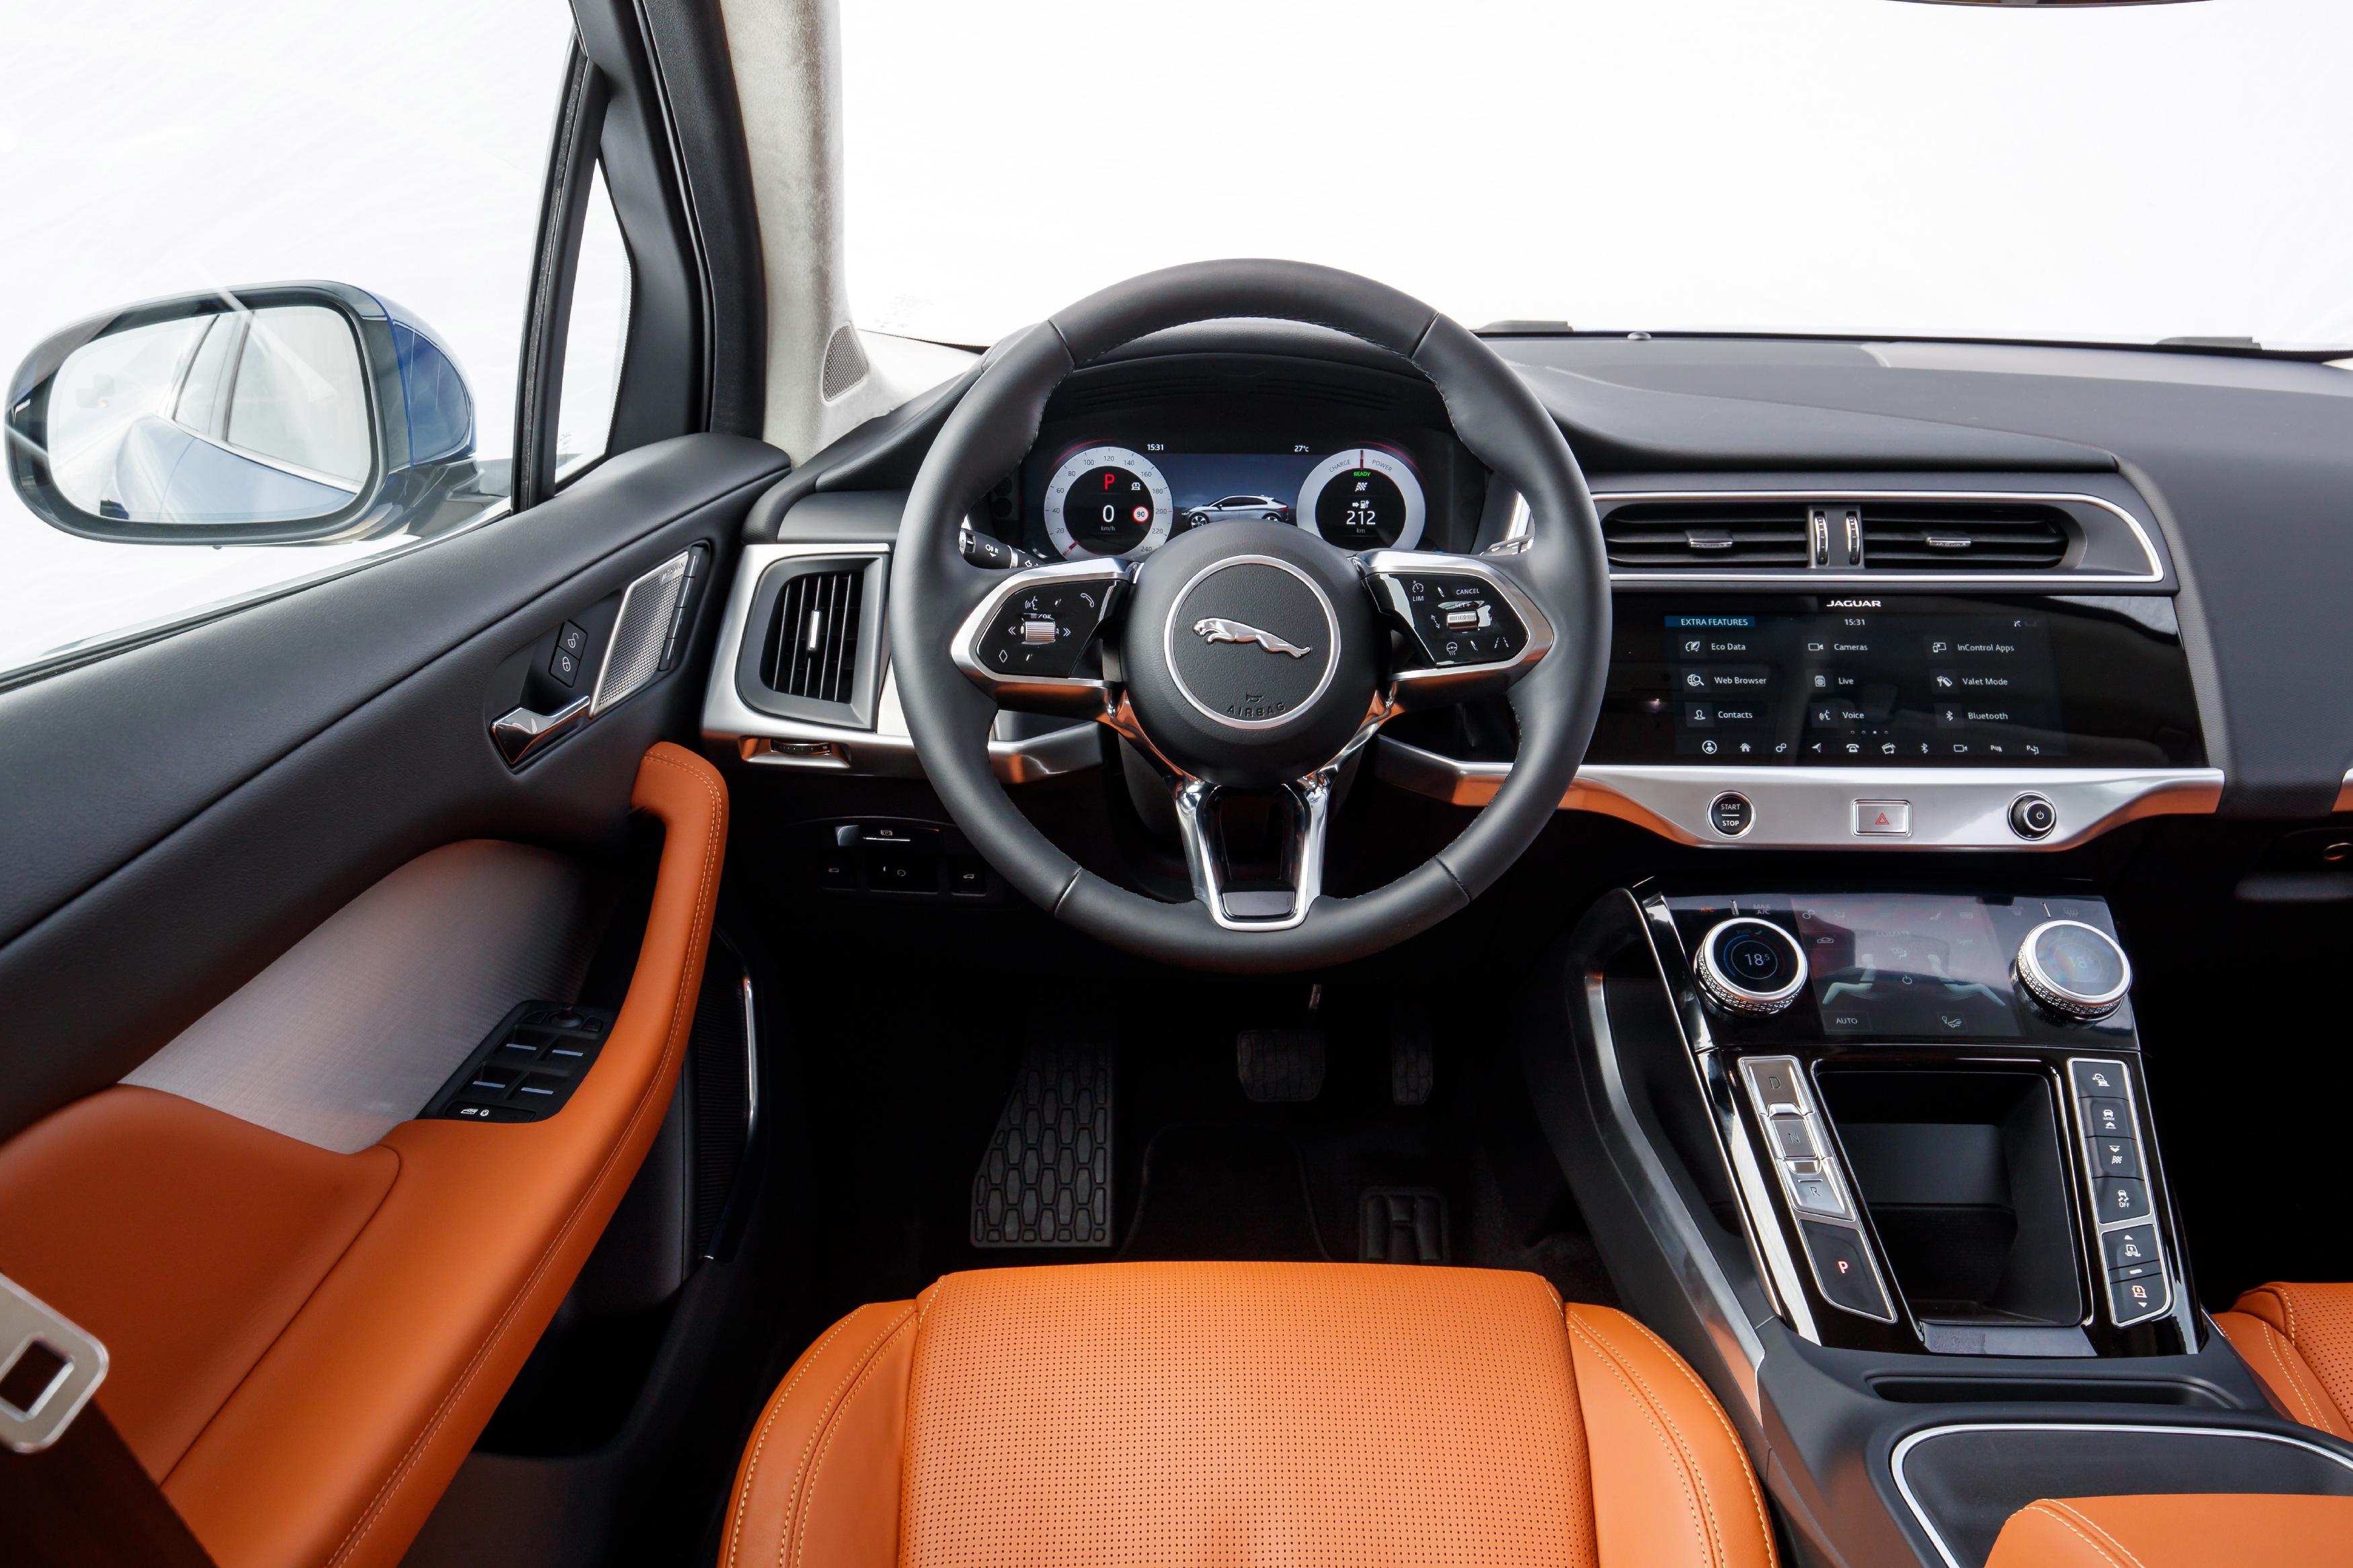 Jaguar I-PACE driver's seat